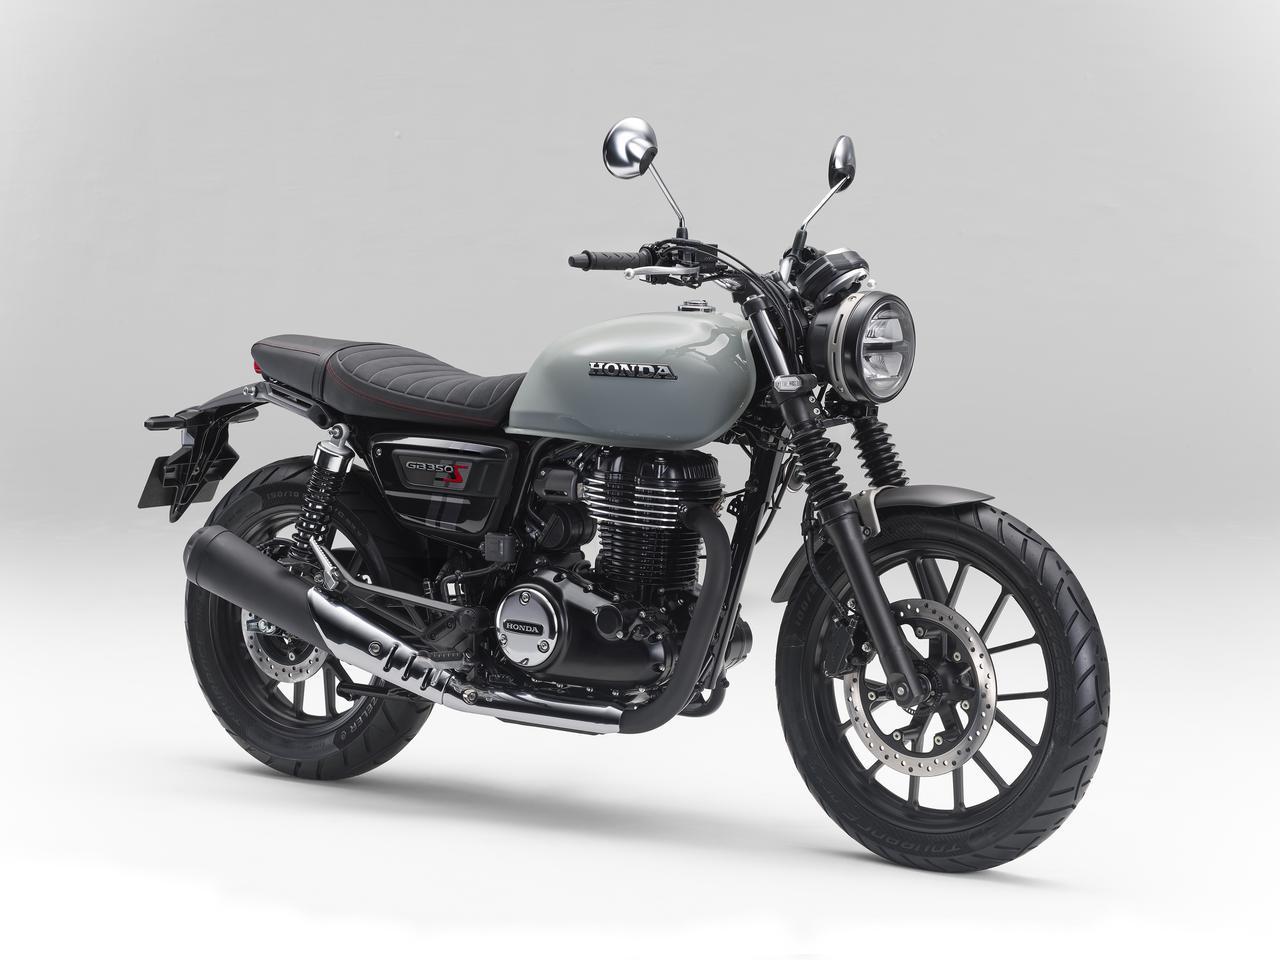 画像3: ホンダ「GB350」「GB350S」のスタイリングはただの懐古主義ではない! 考え抜かれたデザインで生まれた新時代の空冷単気筒バイク